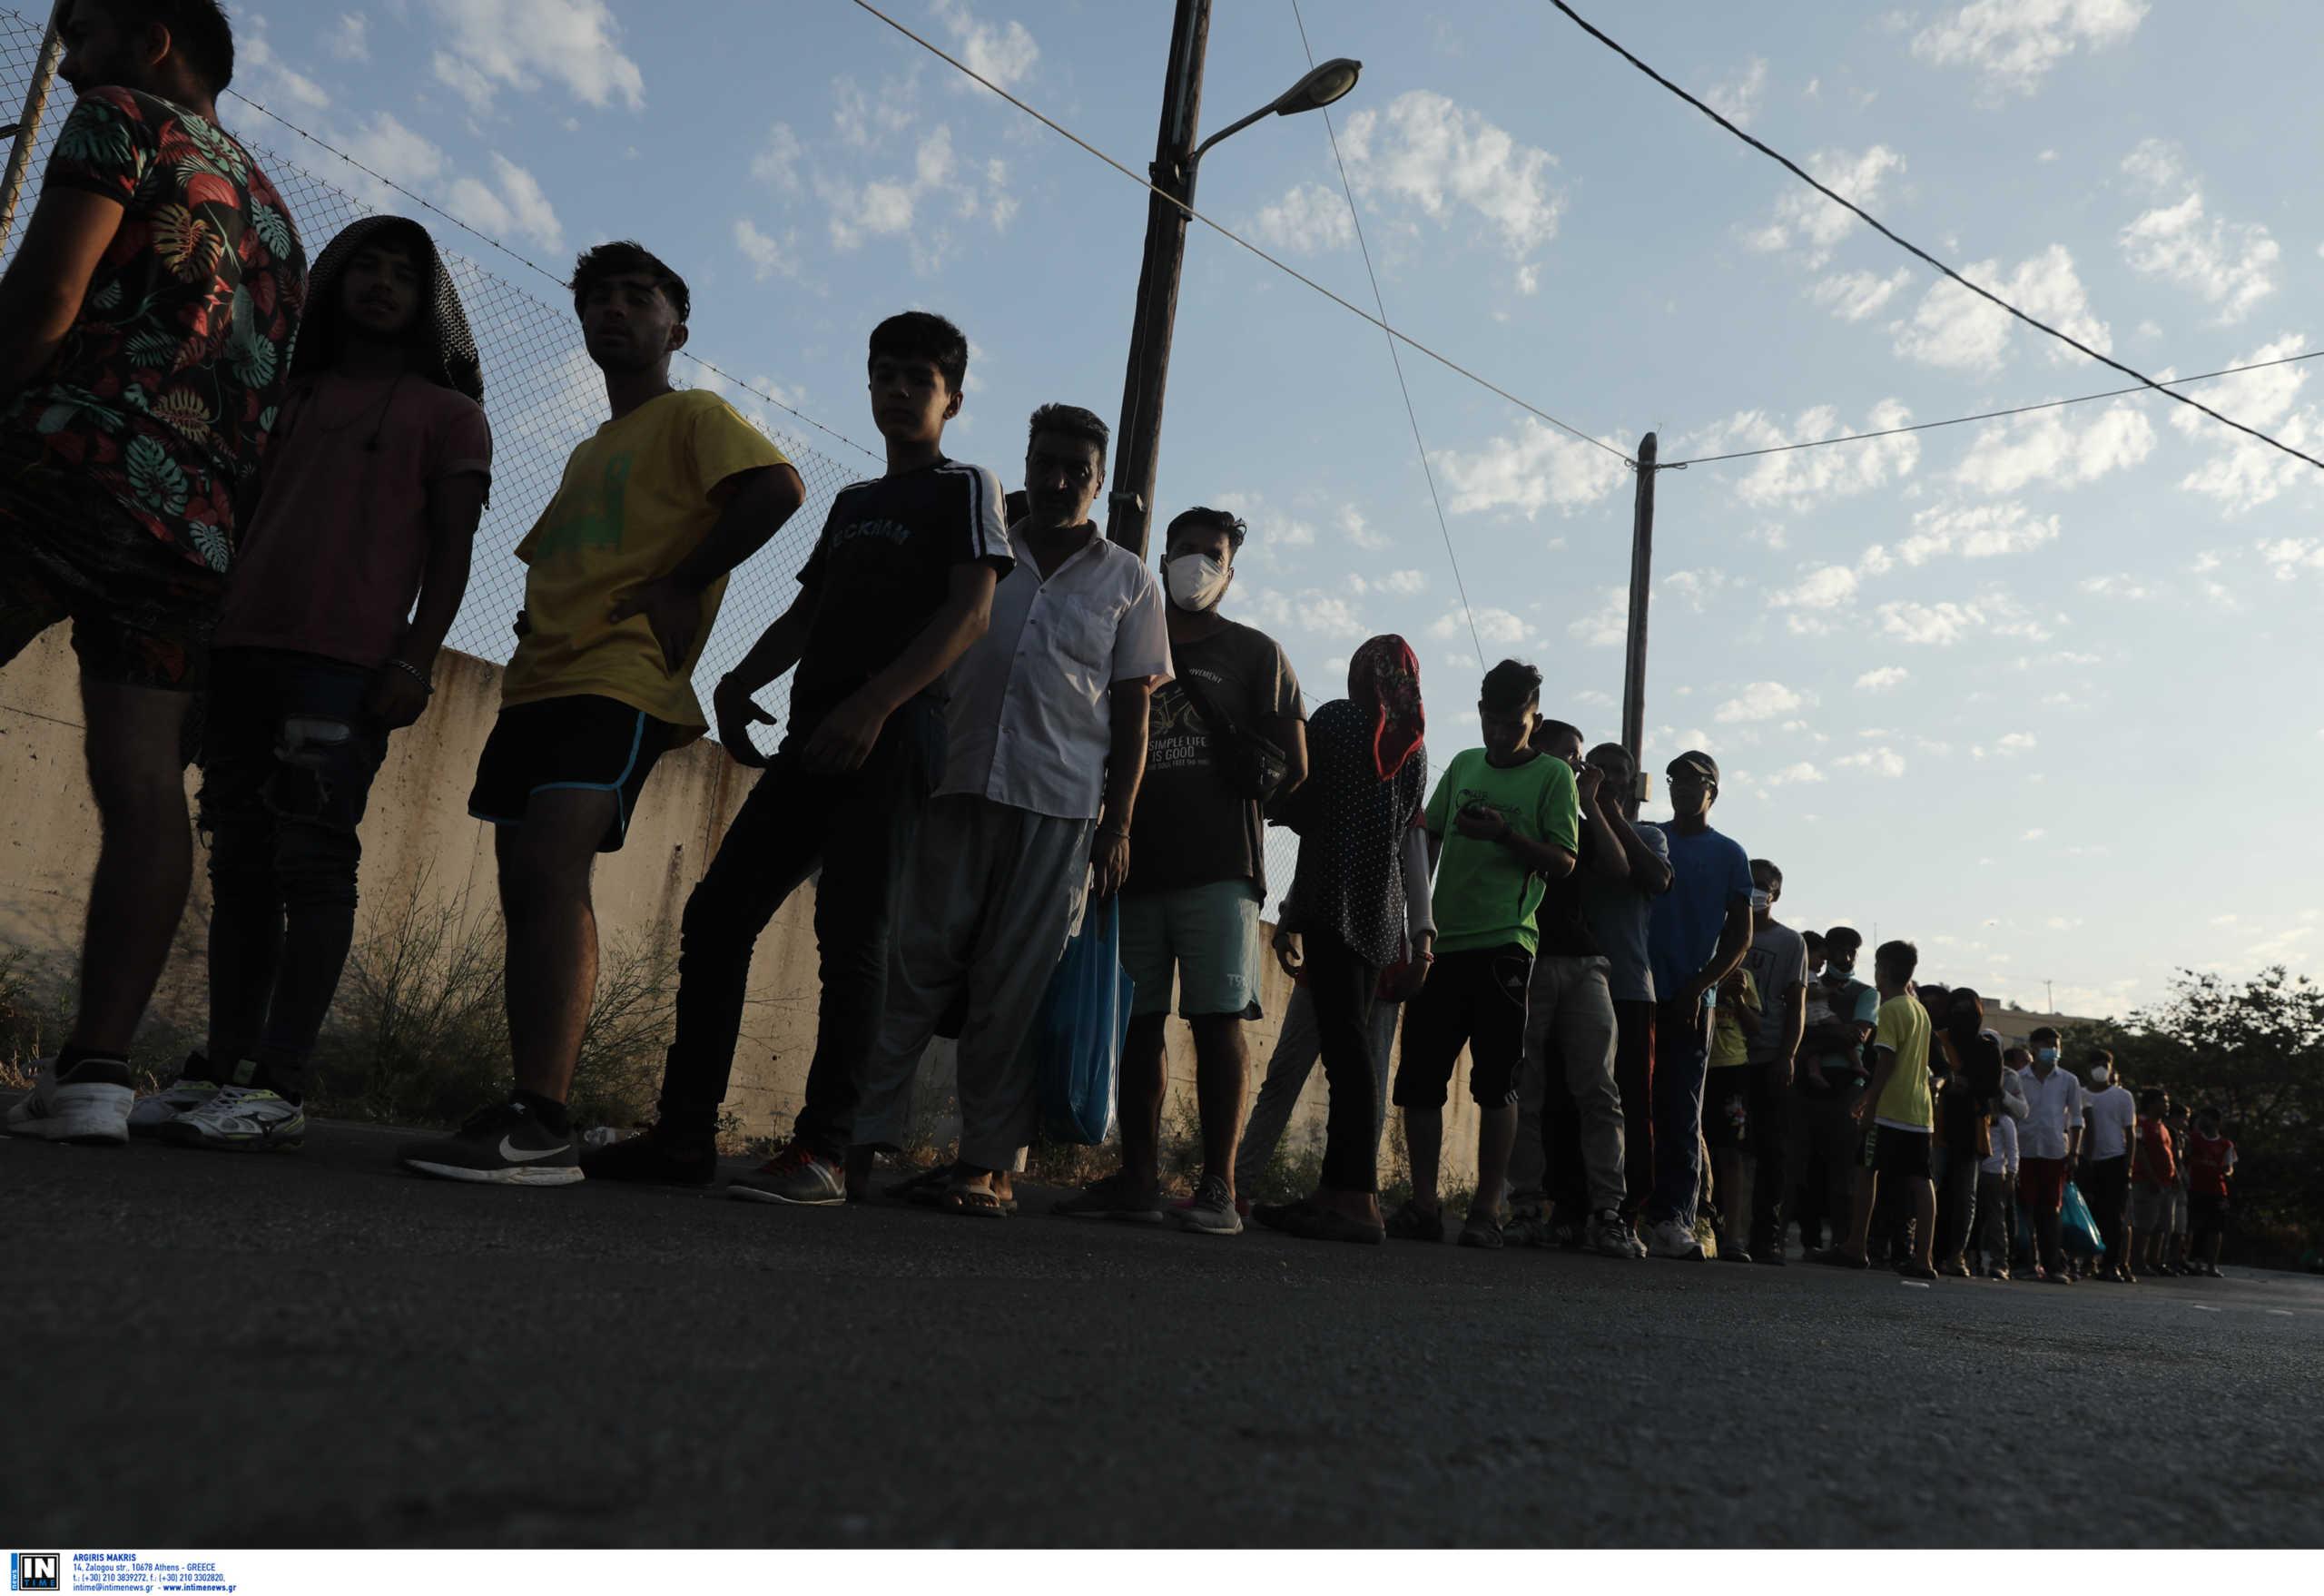 Στο ελληνικό κράτος η διαχείριση του προγράμματος οικονομικής βοήθειας σε αιτούντες άσυλο